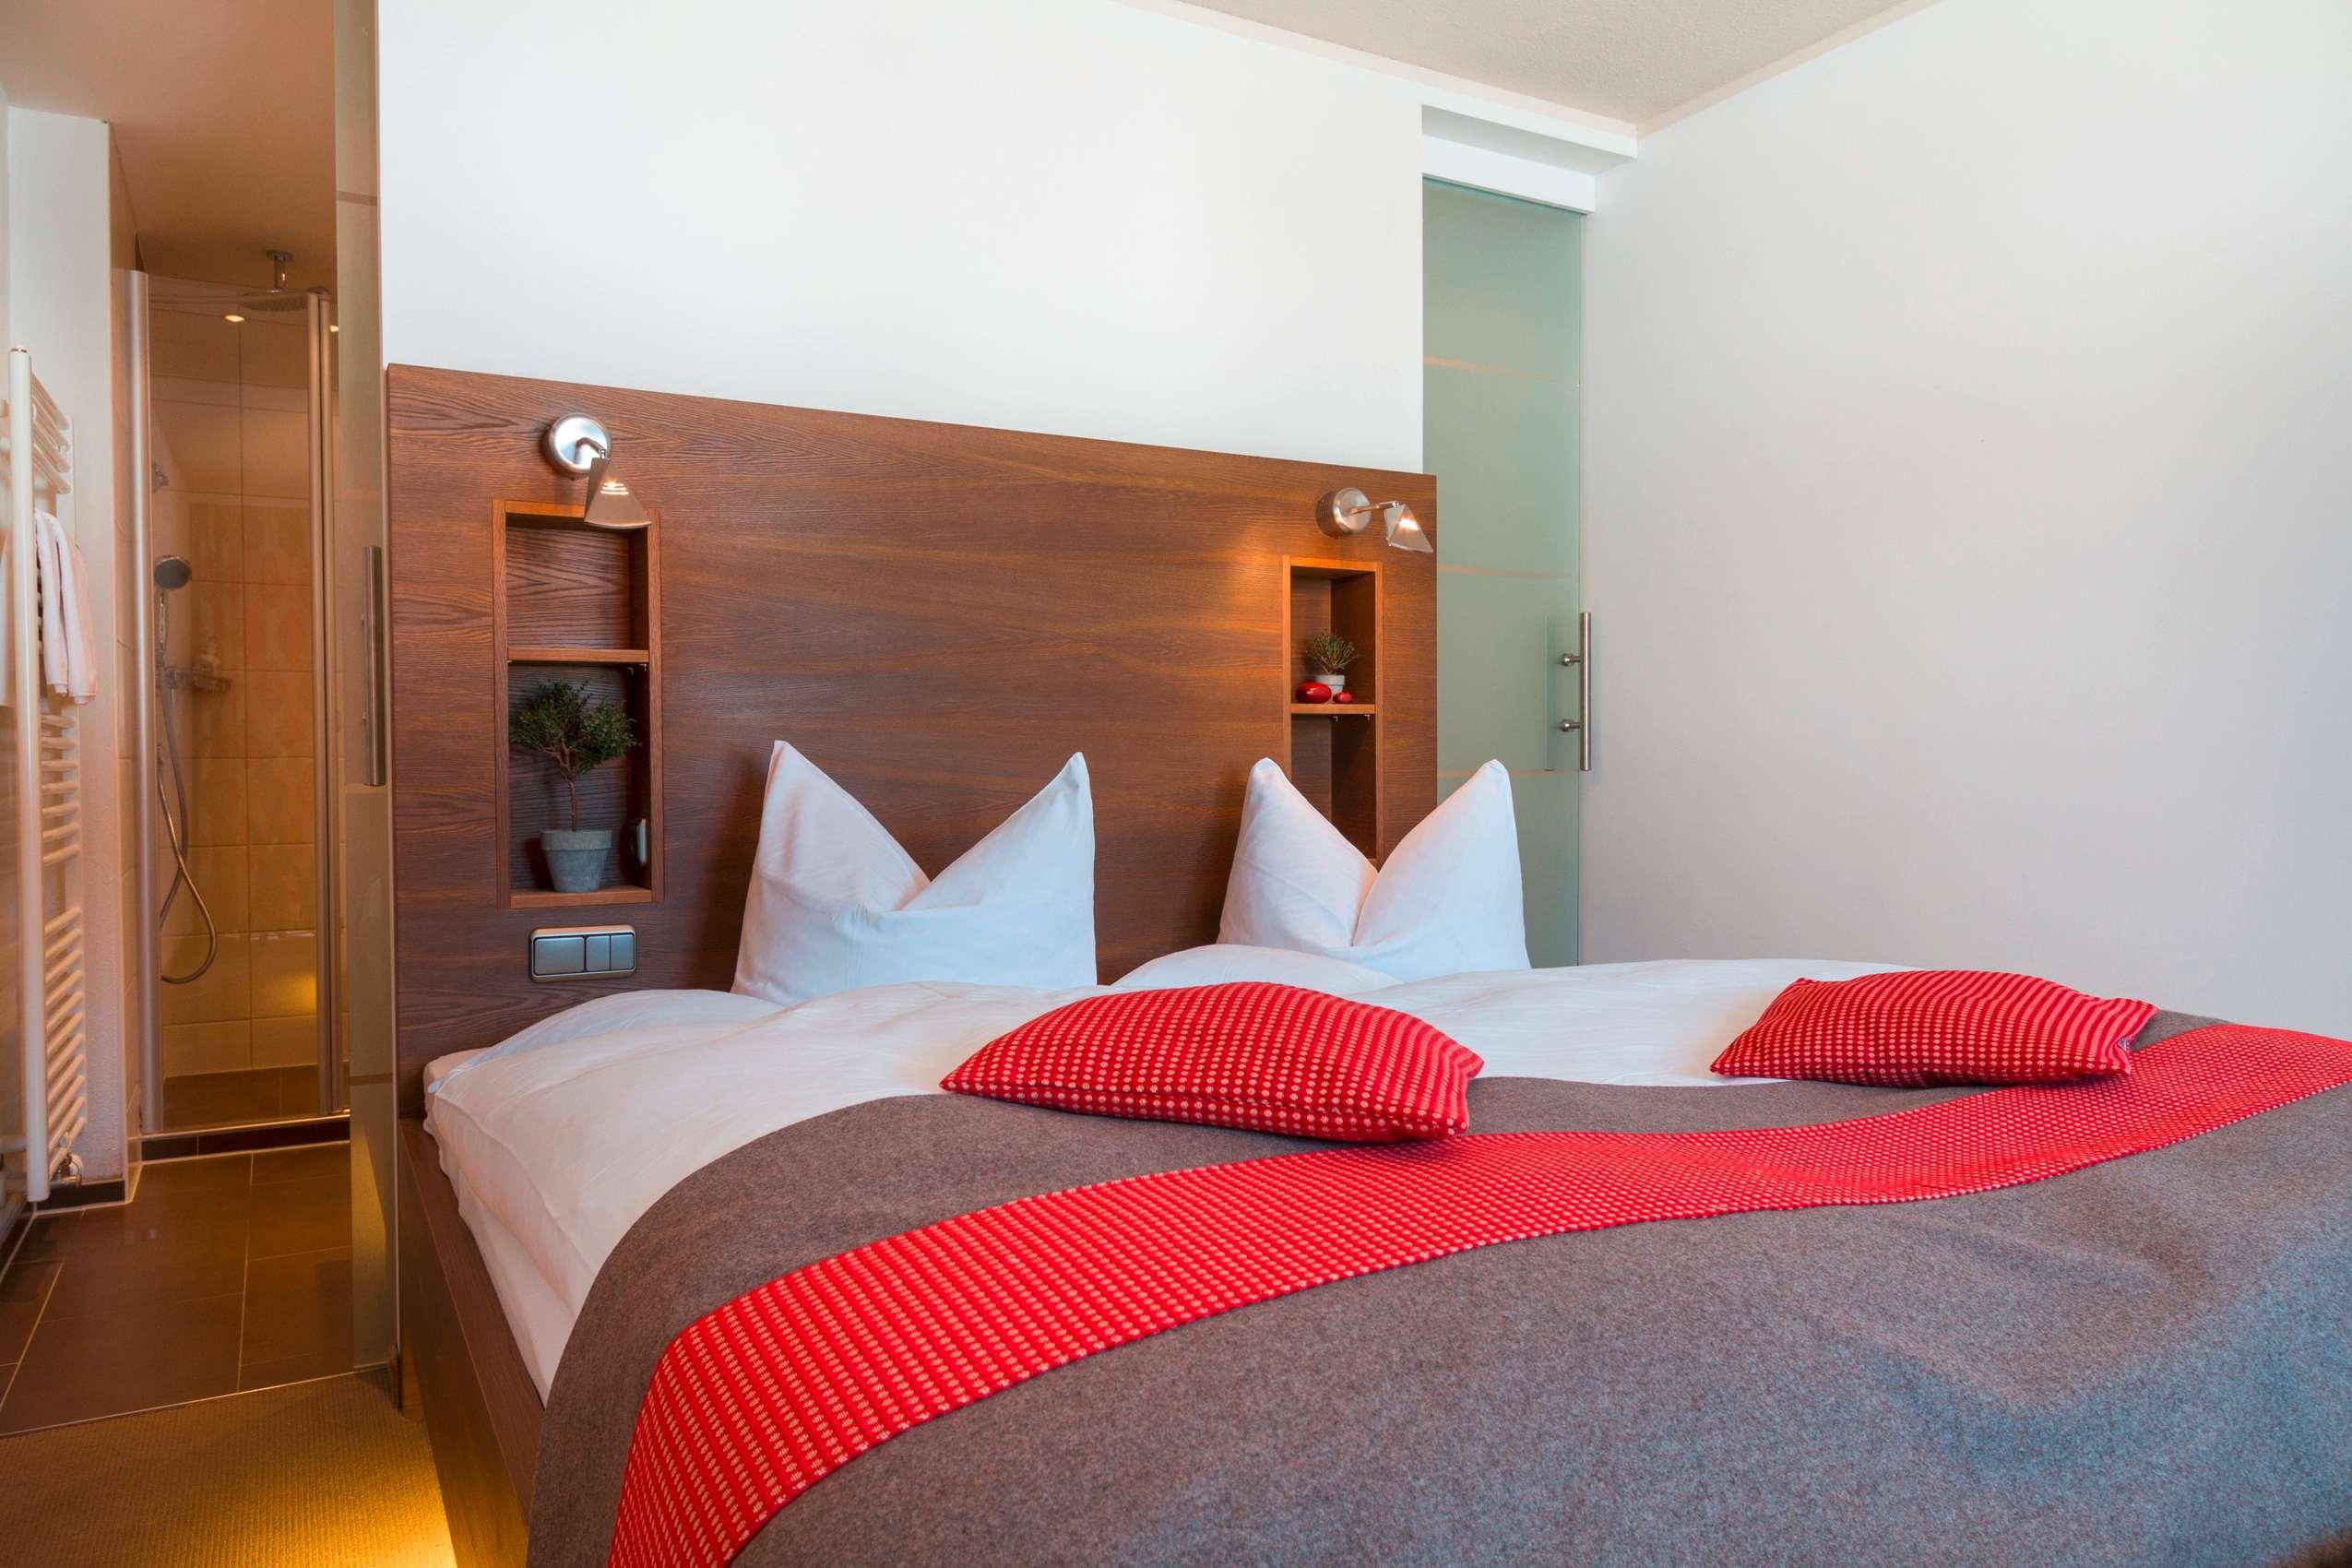 Doppelzimmer im Wohlfühlhotel Berwanger Hof mit Tagesdecke auf dem Bett